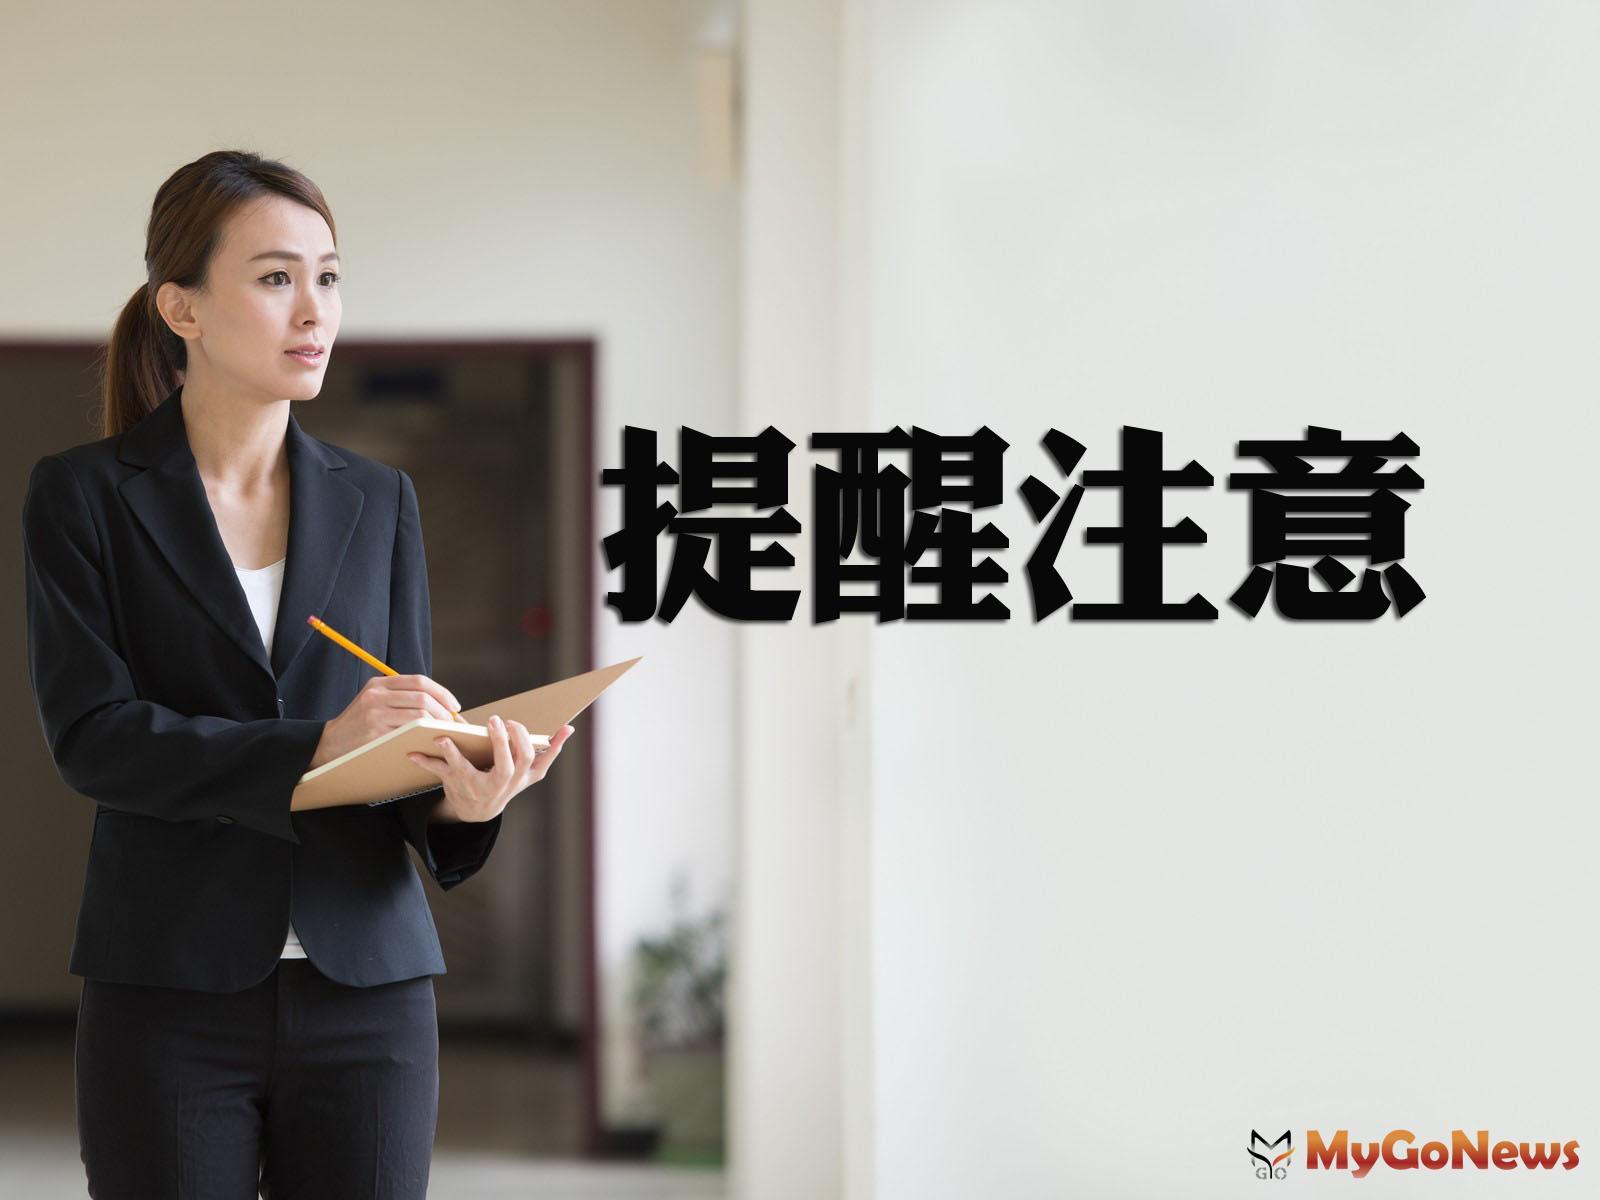 2021年繼承或贈與案件之免稅額、扣除額與2020年相同 MyGoNews房地產新聞 房地稅務